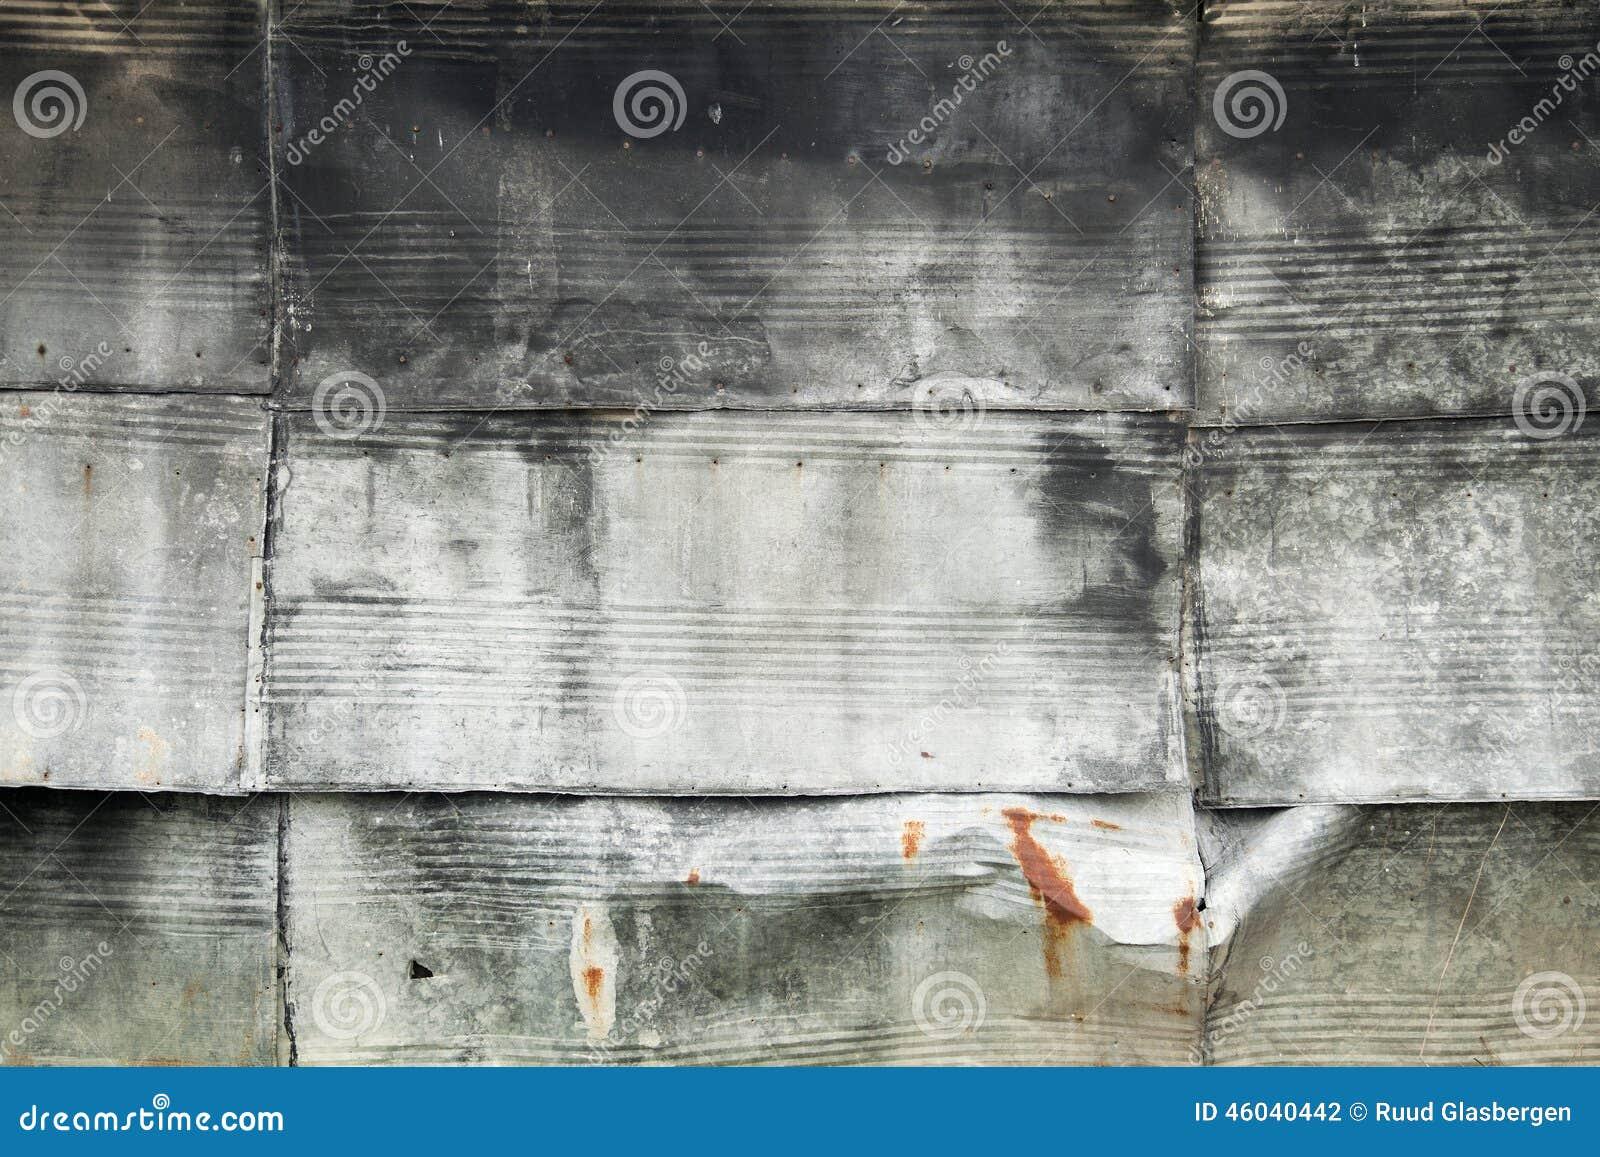 Placas del cinc como recubrimiento de paredes foto de archivo imagen 46040442 - Recubrimientos de paredes ...